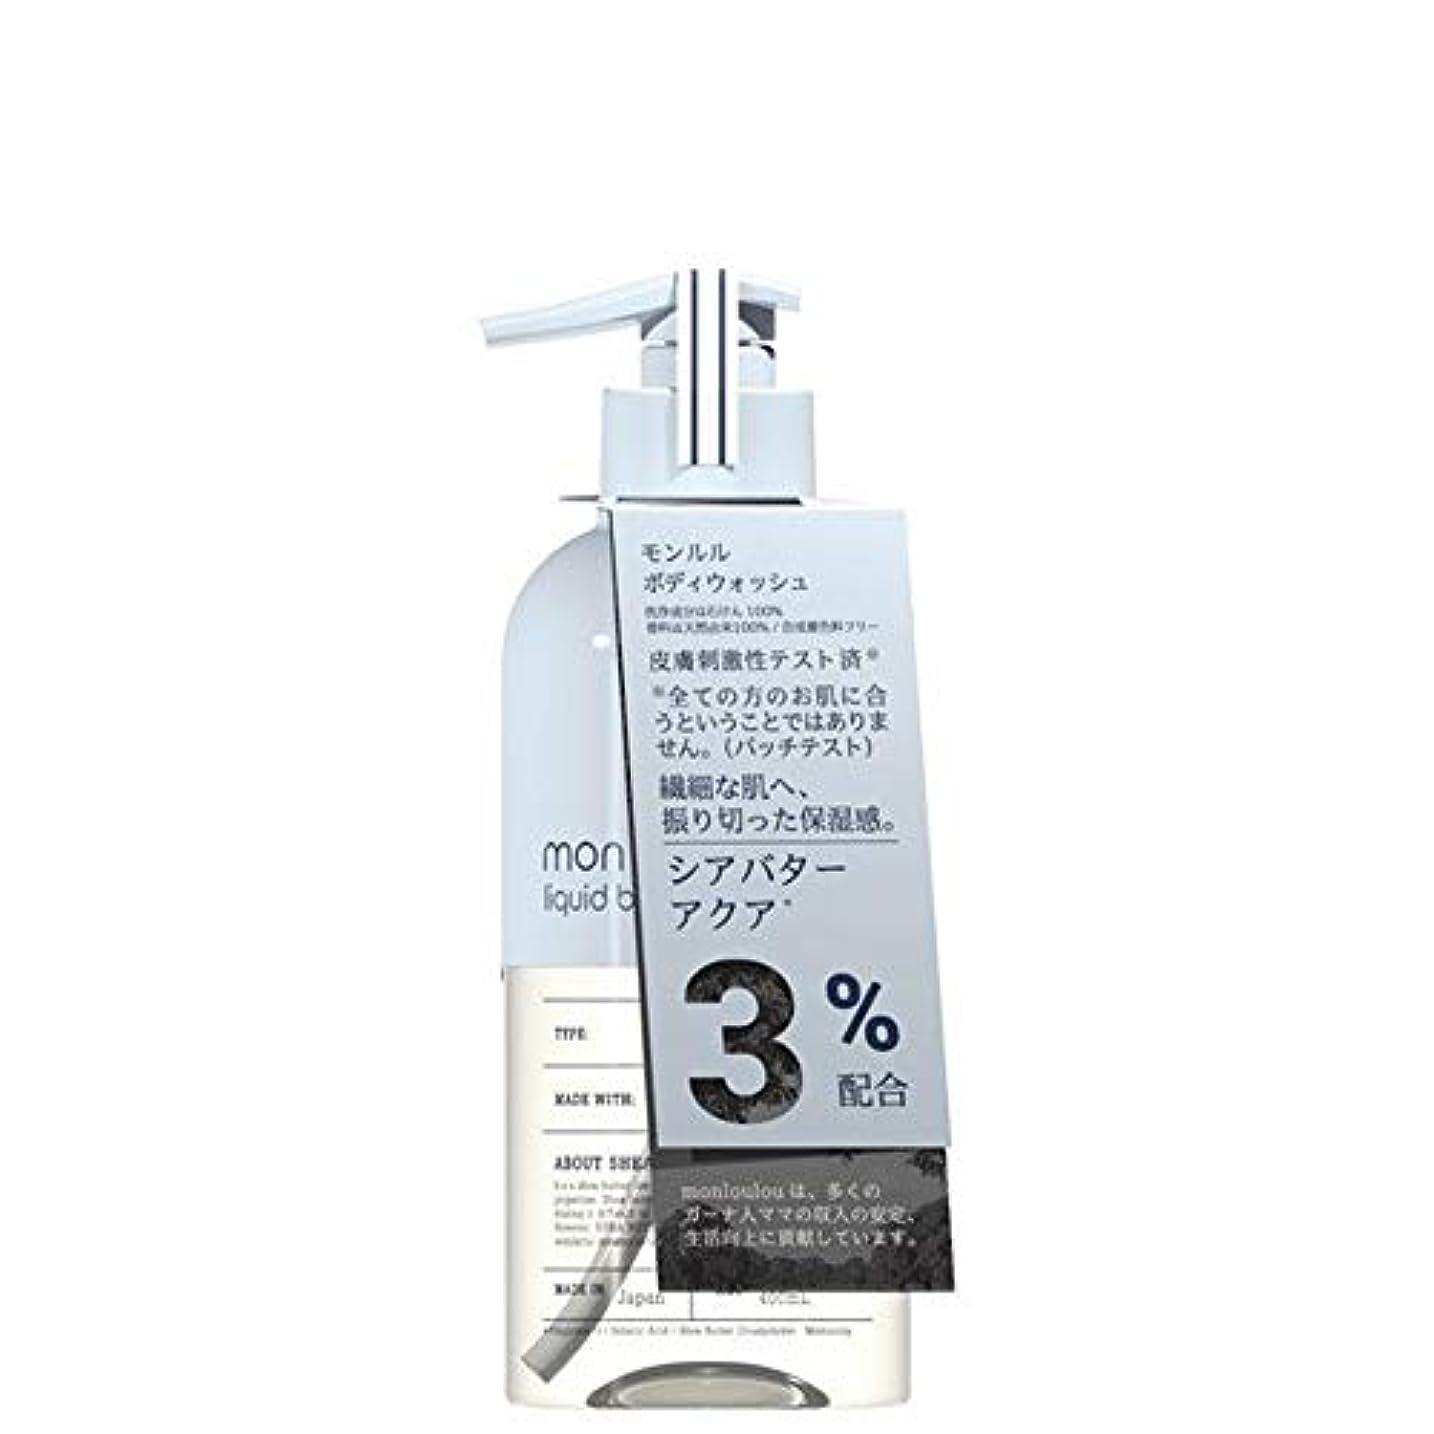 安らぎ霧ドールモンルル3% ボディウォッシュ 400mL